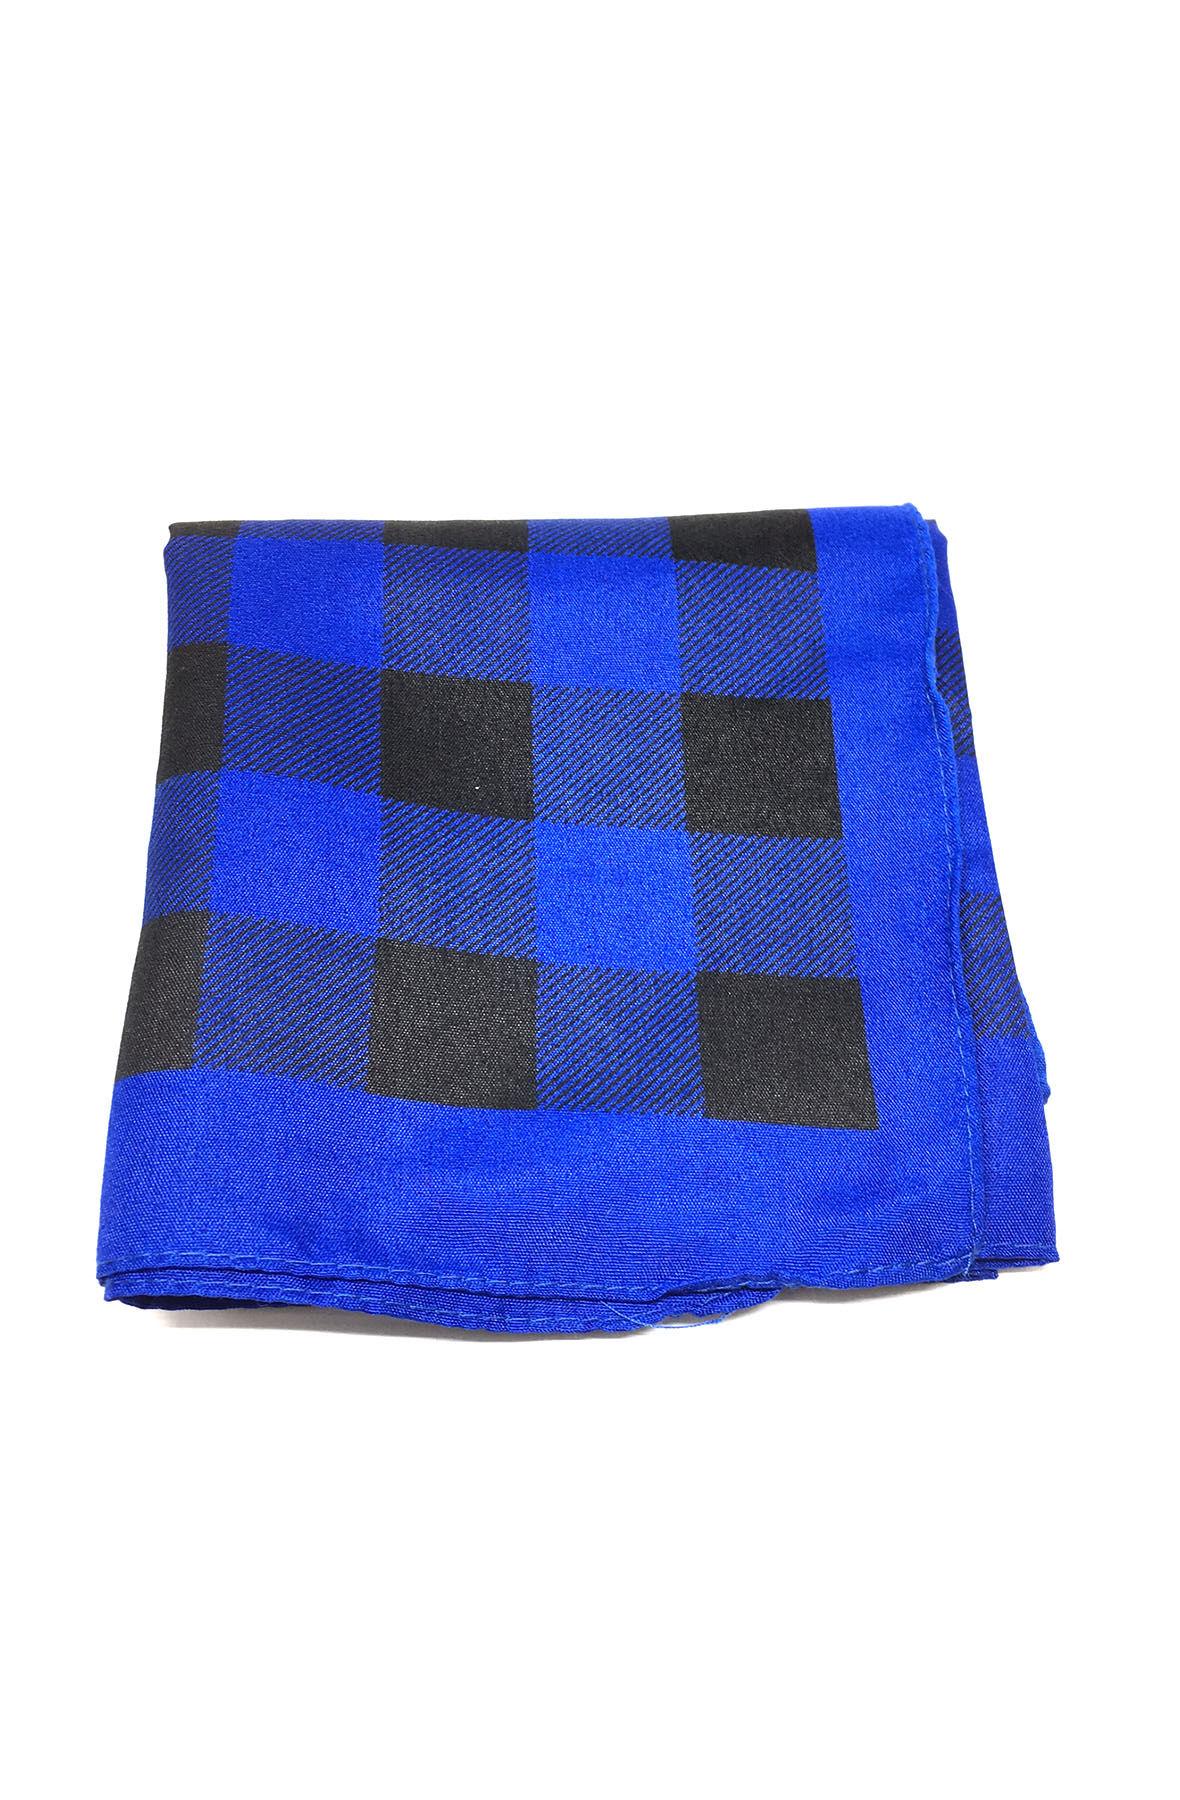 Image of Blue and Black Plaid Bandana